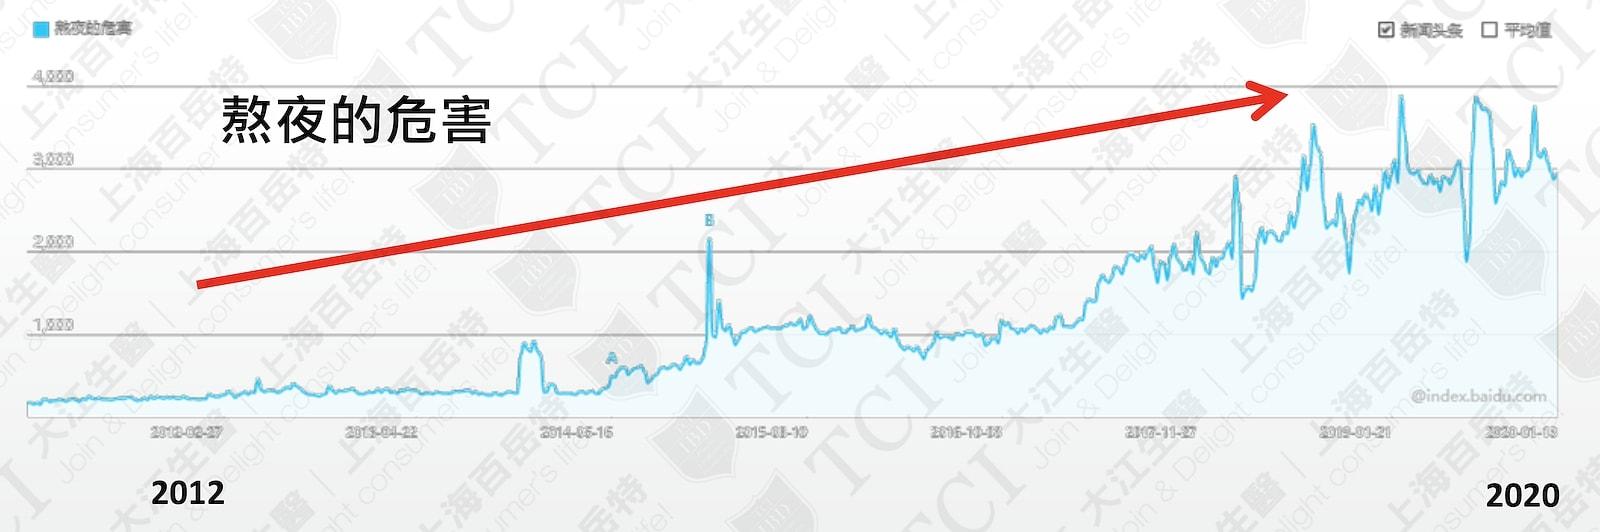 熬夜的危害网路搜寻量 / 数据源: 百度指数